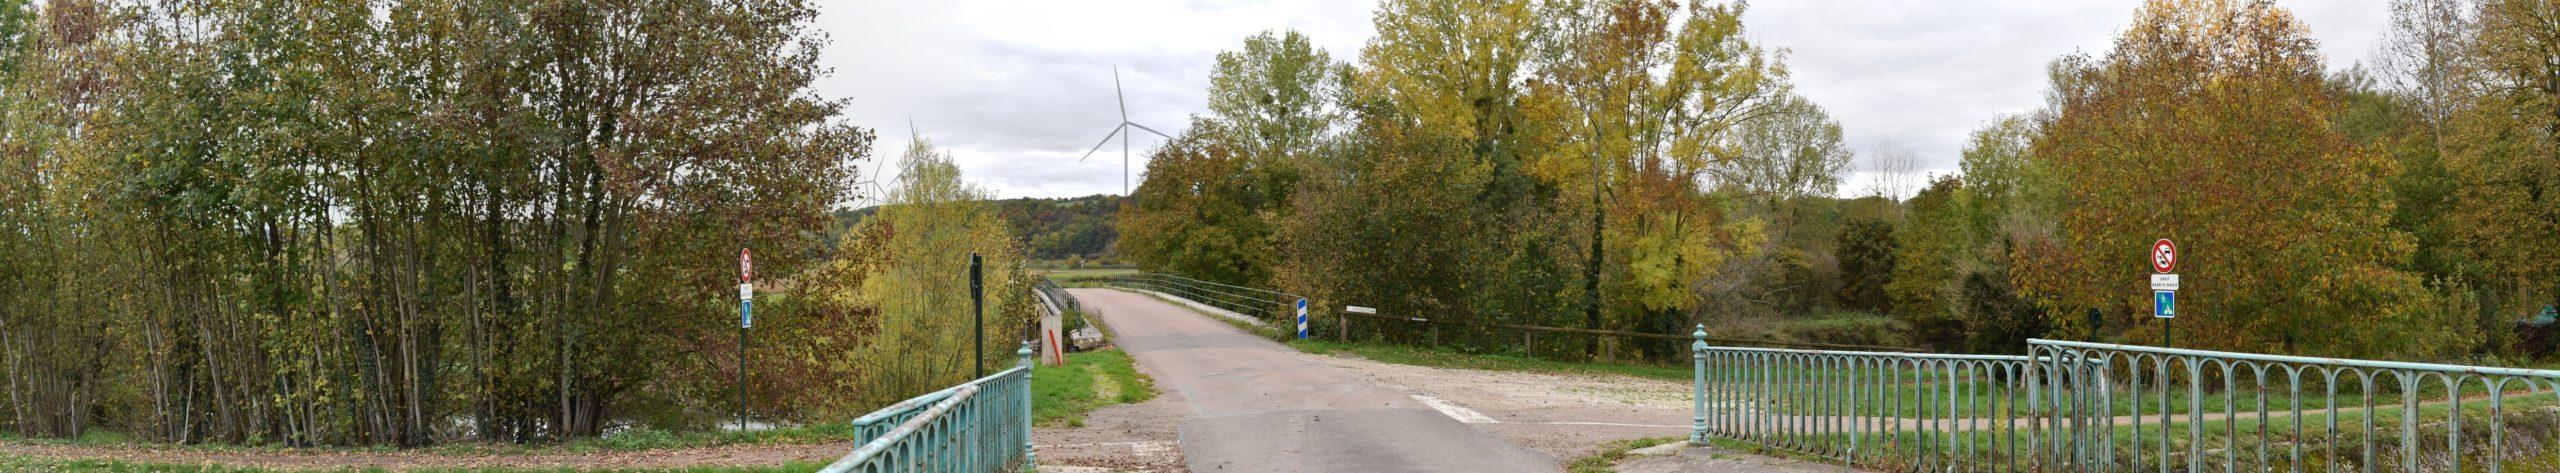 Canal de Bourgogne à Tronchoy (photomontage à 1,66 km de l'éolienne la plus proche)